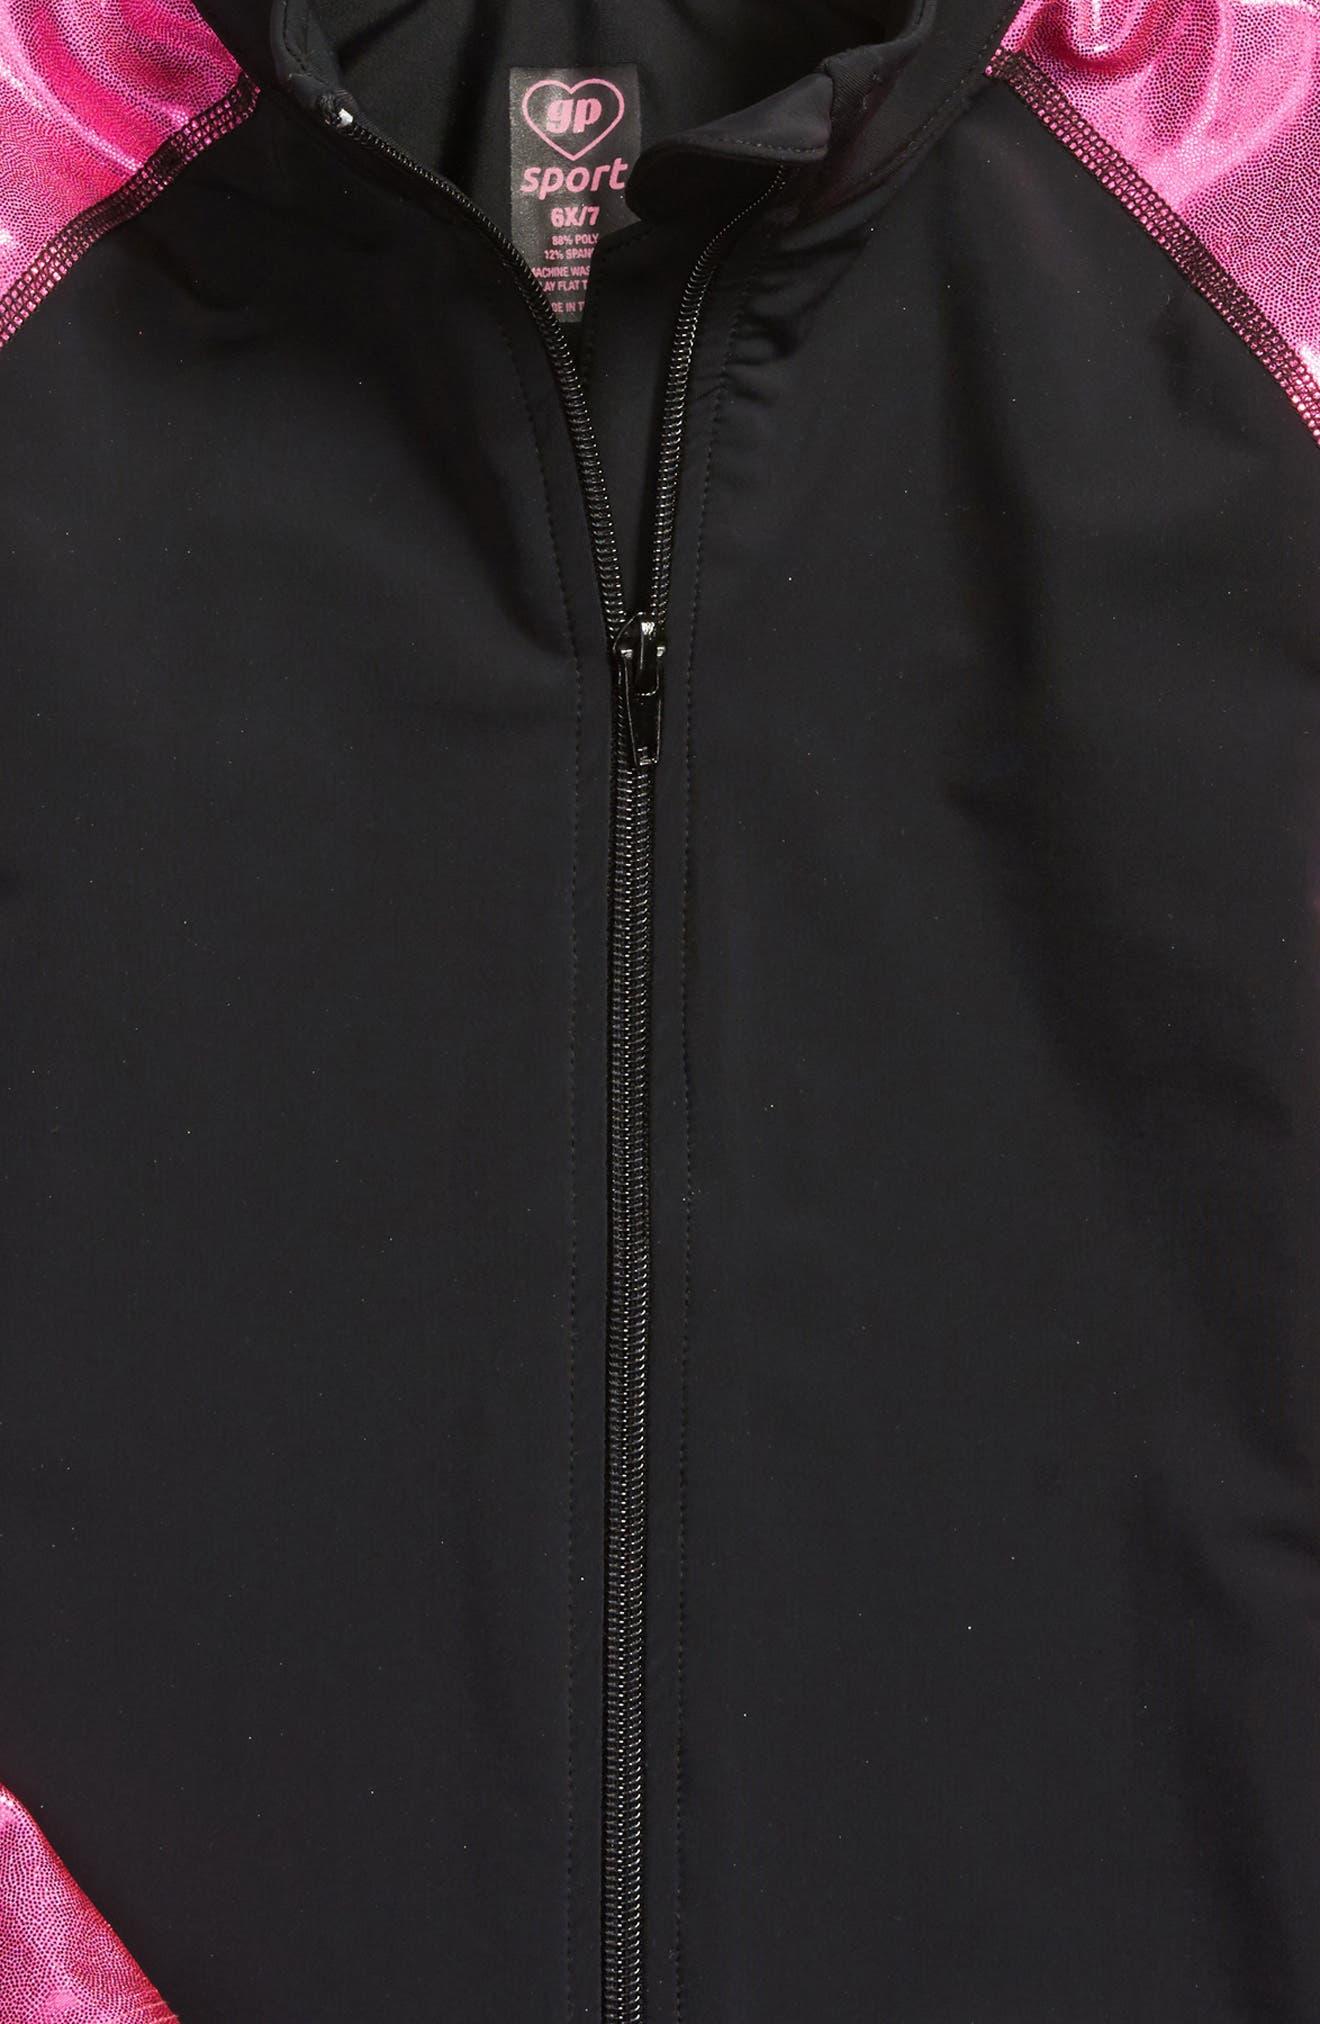 Metallic Favorite Jacket,                             Alternate thumbnail 2, color,                             Pink